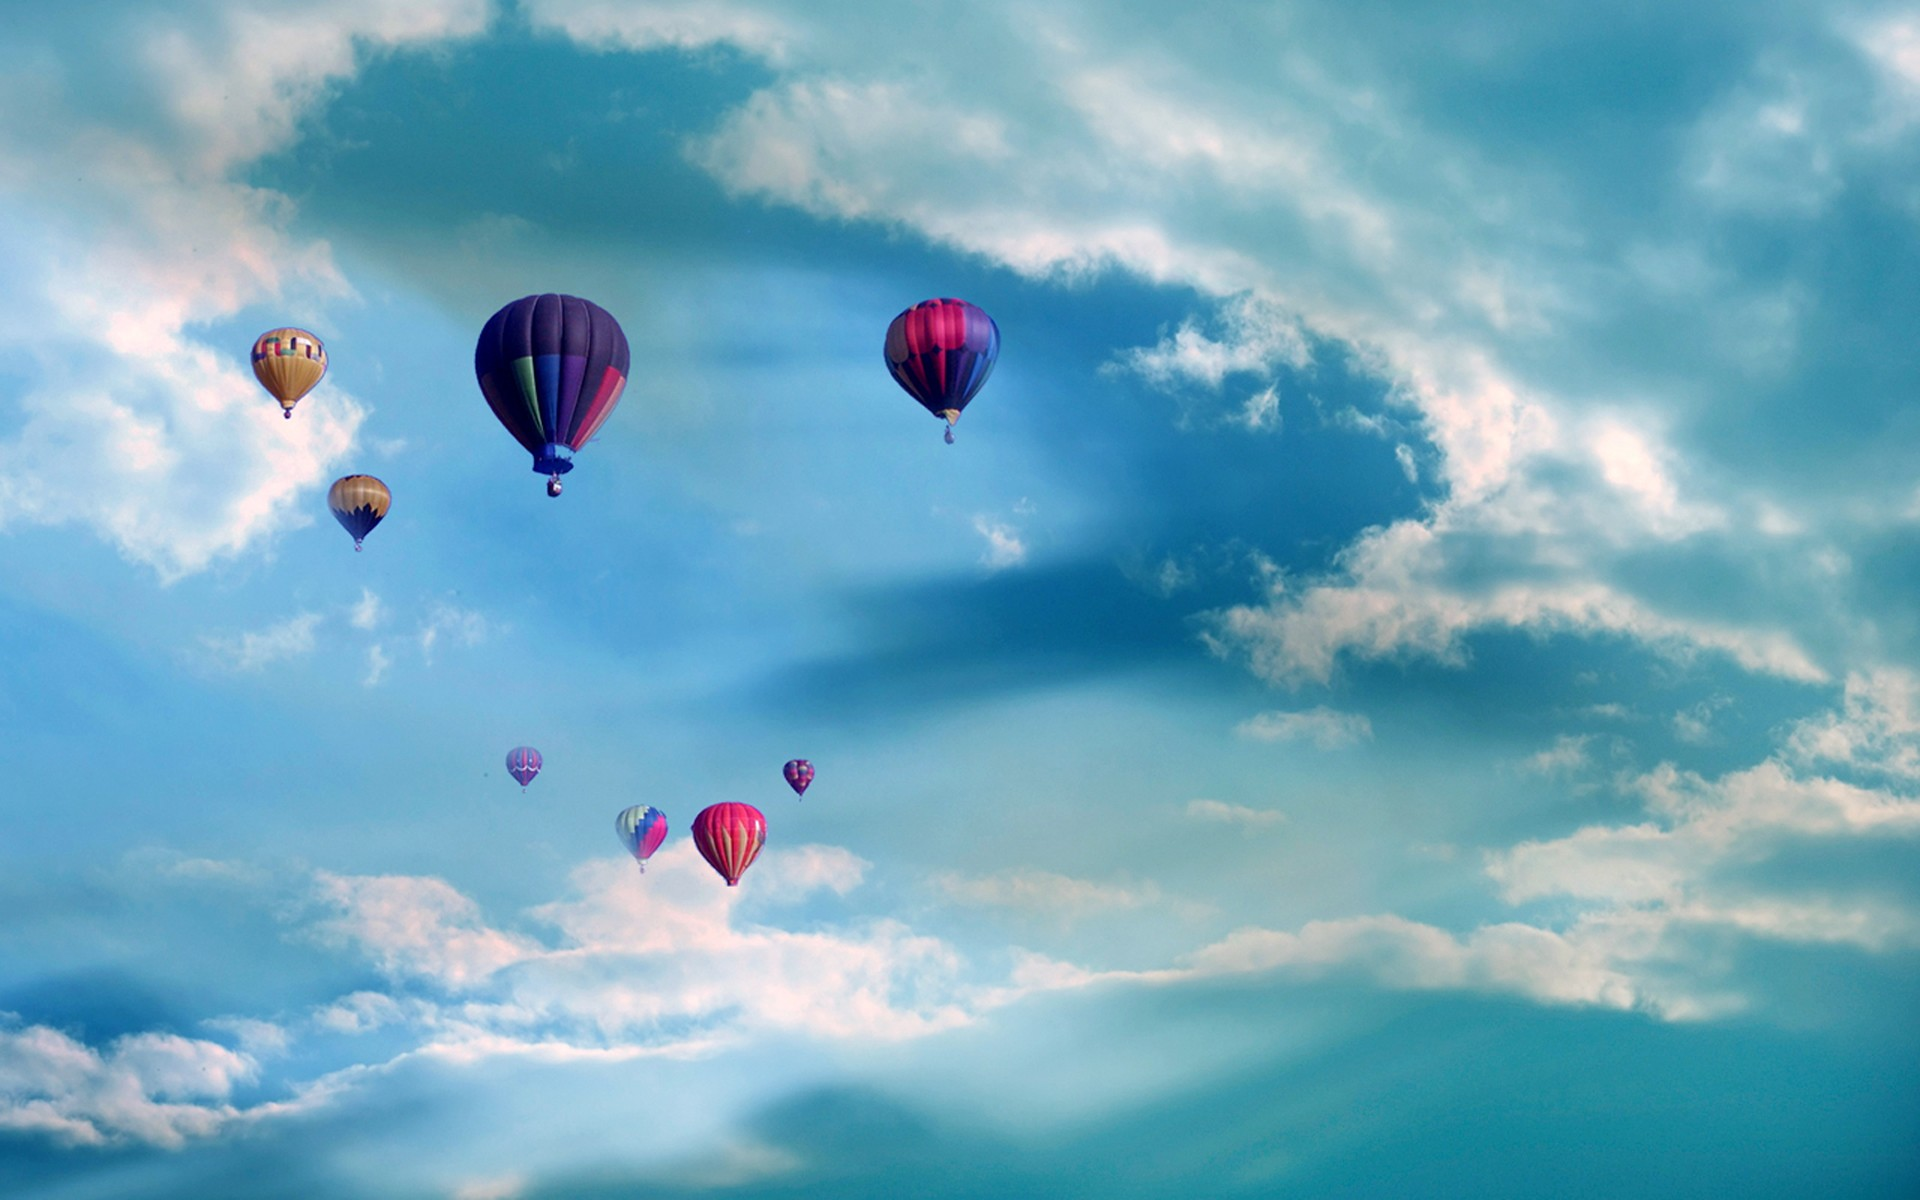 唯美热气球PPT背景图片免费下载是由PPT宝藏(www.pptbz.com)会员zengmin上传推荐的其他PPT背景图片, 更新时间为2017-01-23,素材编号120936。 热气球(hot air balloon),是利用加热的空气或某些气体比如氢气或氦气的密度低于气球外的空气密度以产生浮力飞行。热气球主要通过自带的机载加热器来调整气囊中空气的温度,从而达到控制气球升降的目的。1783年11月21日,蒙特哥菲尔兄弟完成人类首次热气球旅行。1991年10月21日,人类首次实现热气球飘越珠峰。1999